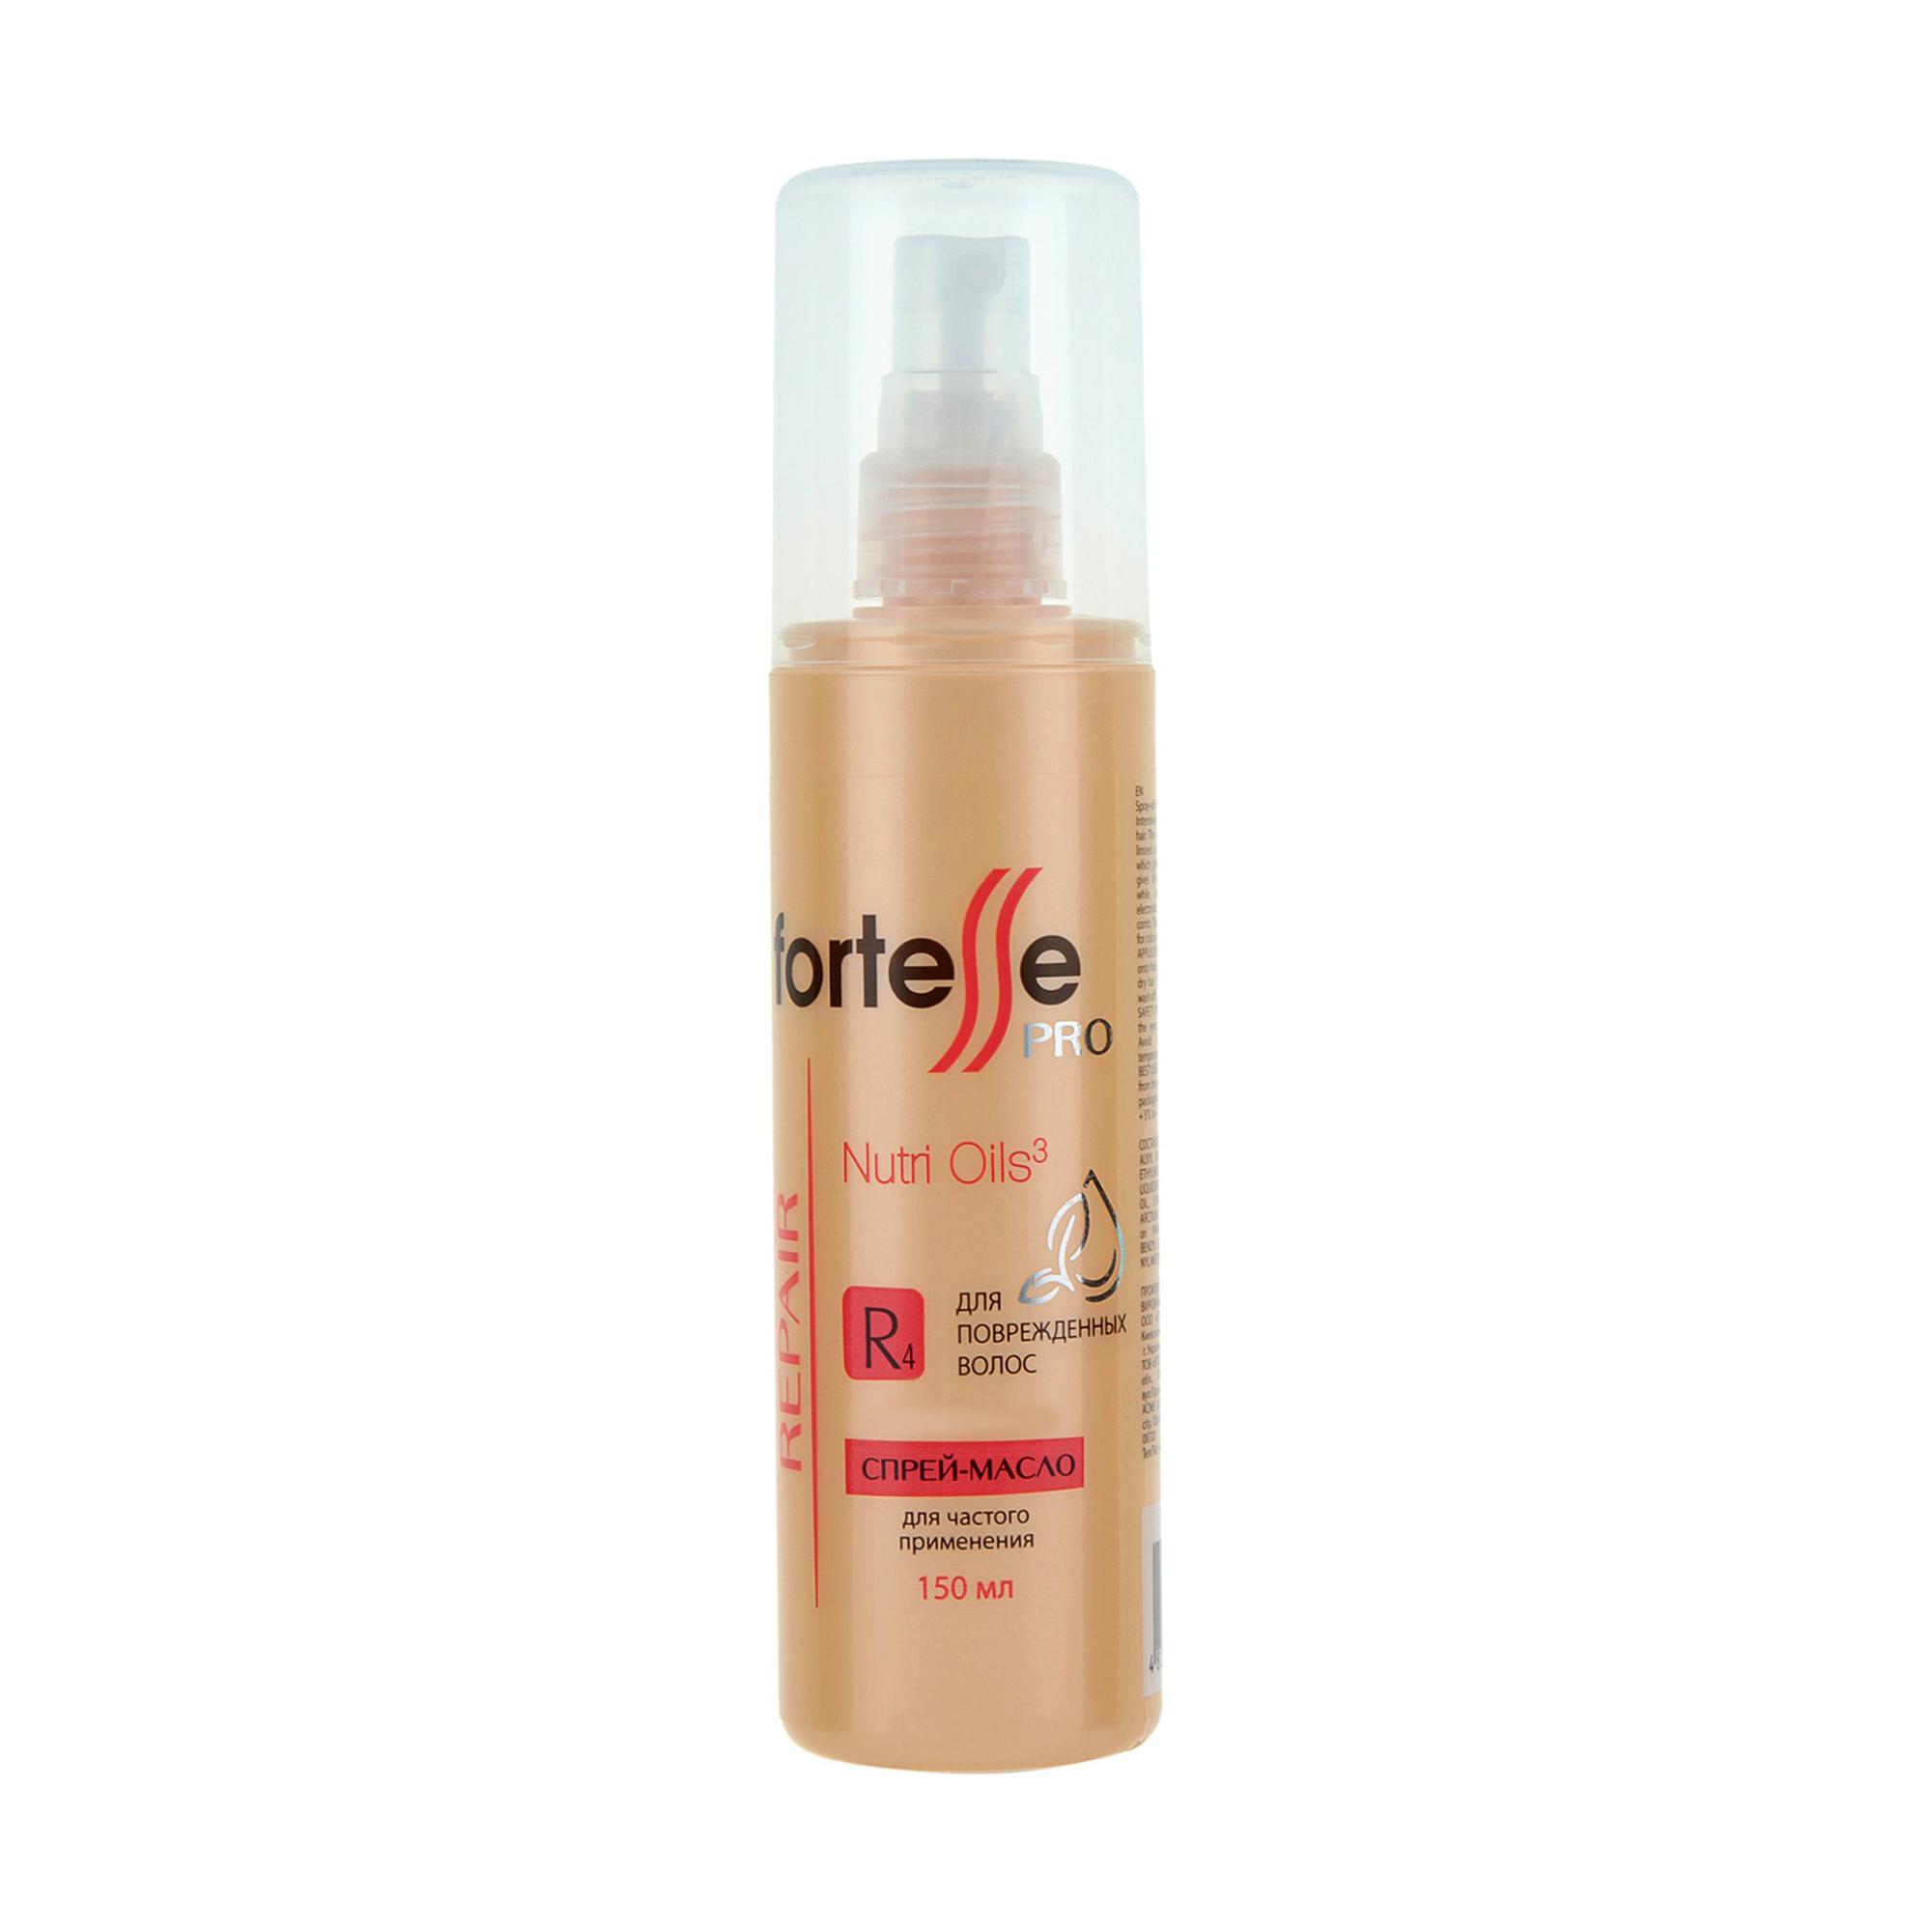 Спрей-масло Fortesse для поврежденных волос, 150 мл